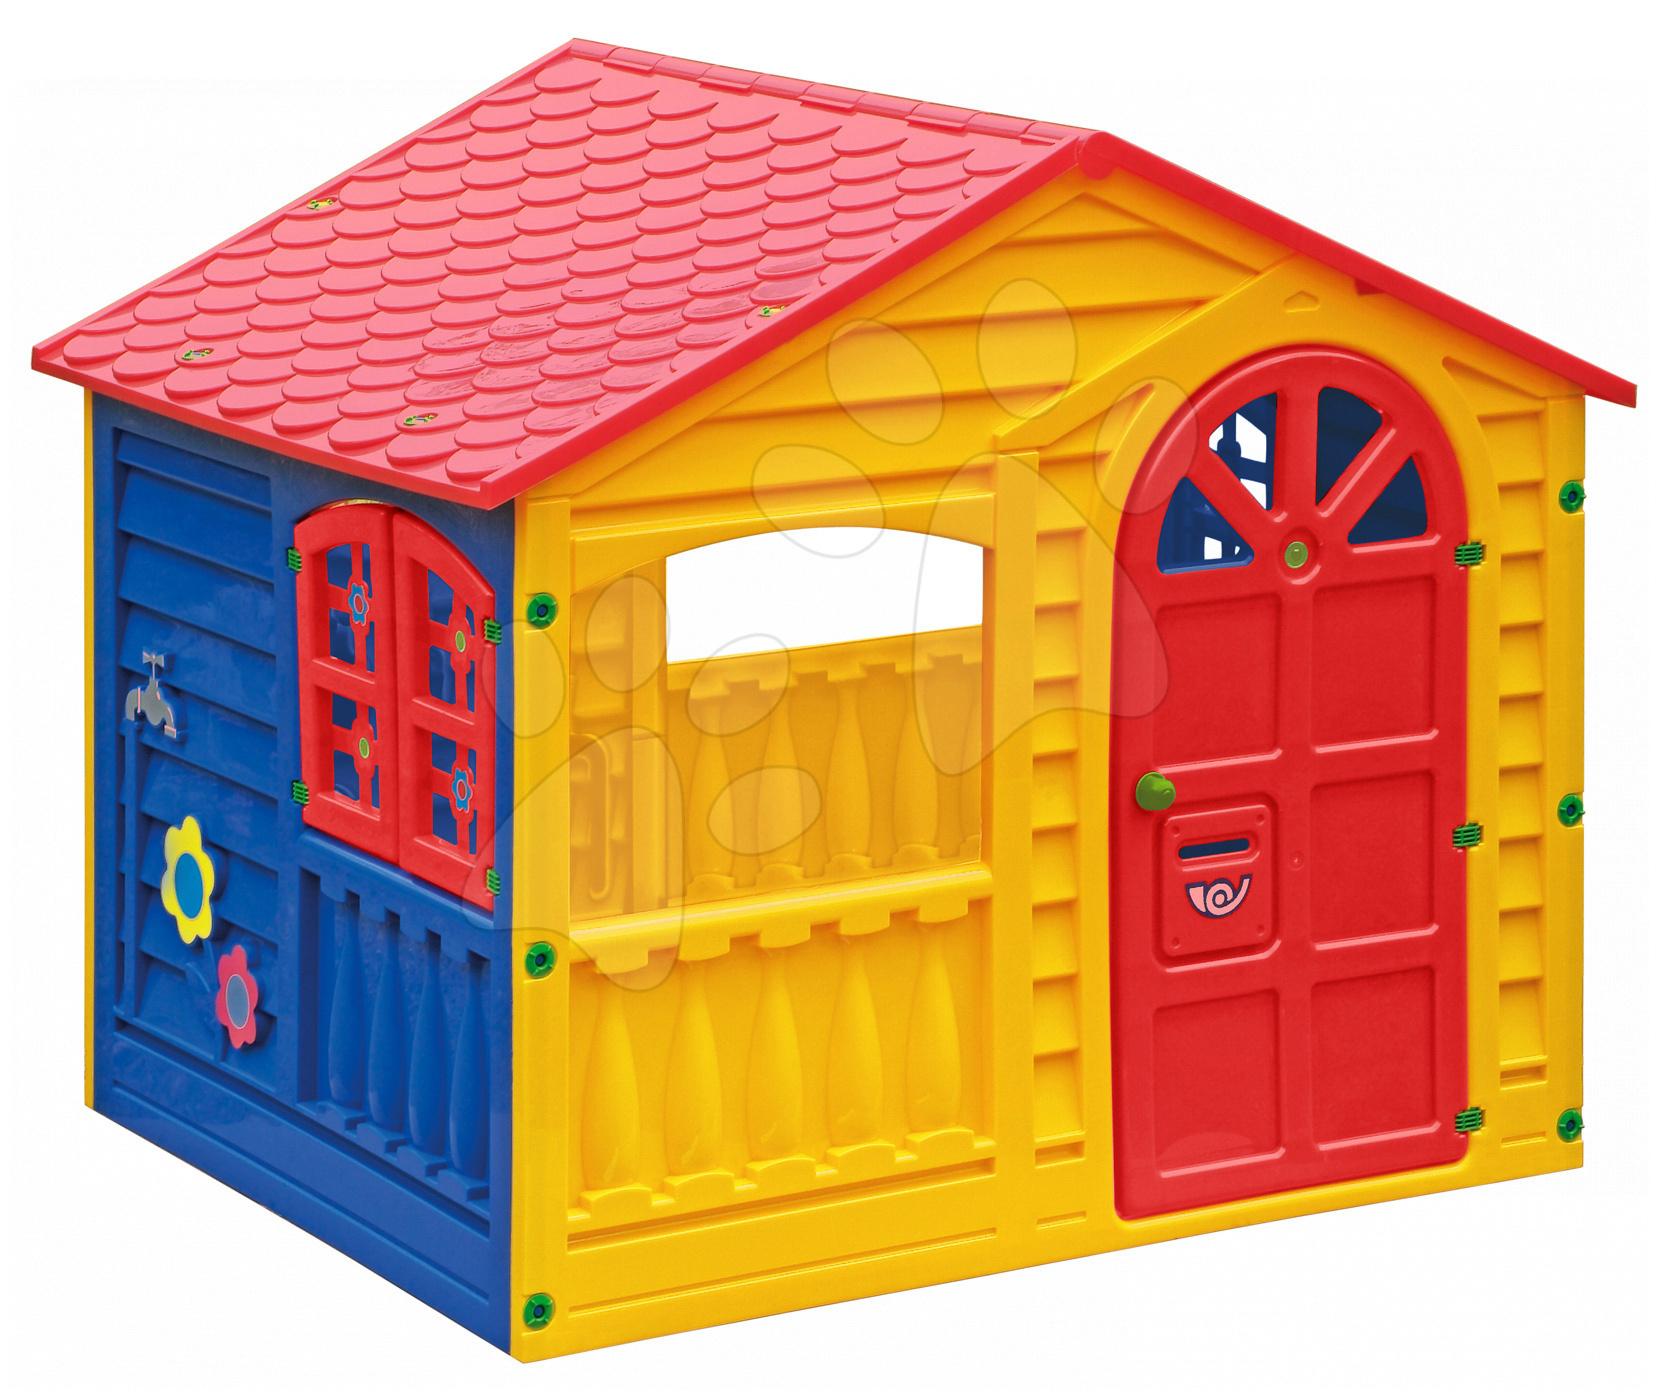 Domečky pro děti - Domeček Happy House PalPlay #VALUE! od 24 měsíců